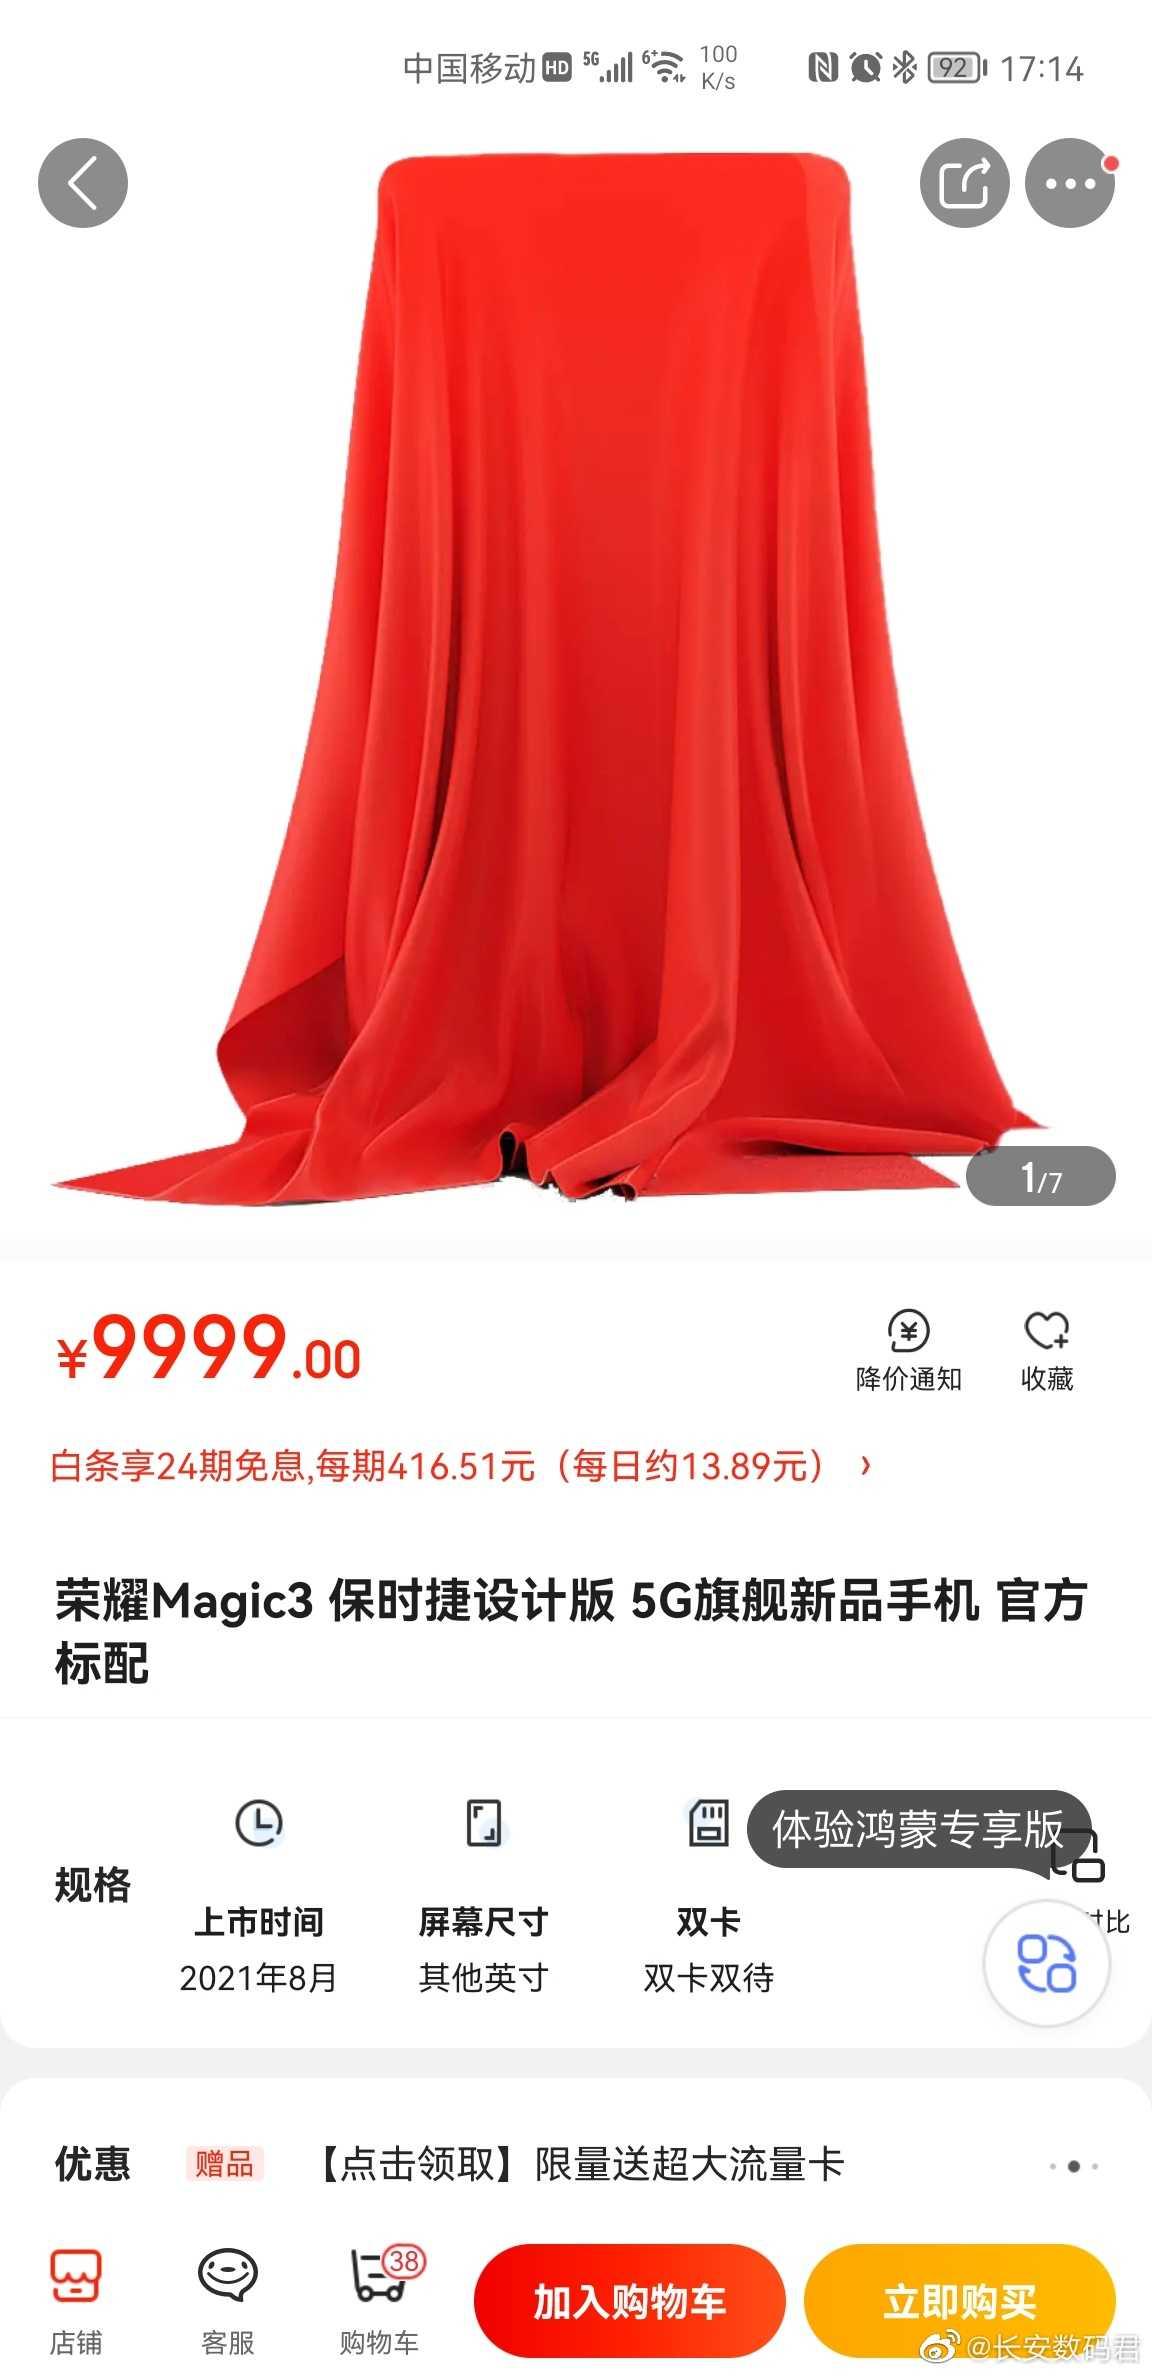 荣耀Magic3保时捷定制版参数配置-详细参数评测